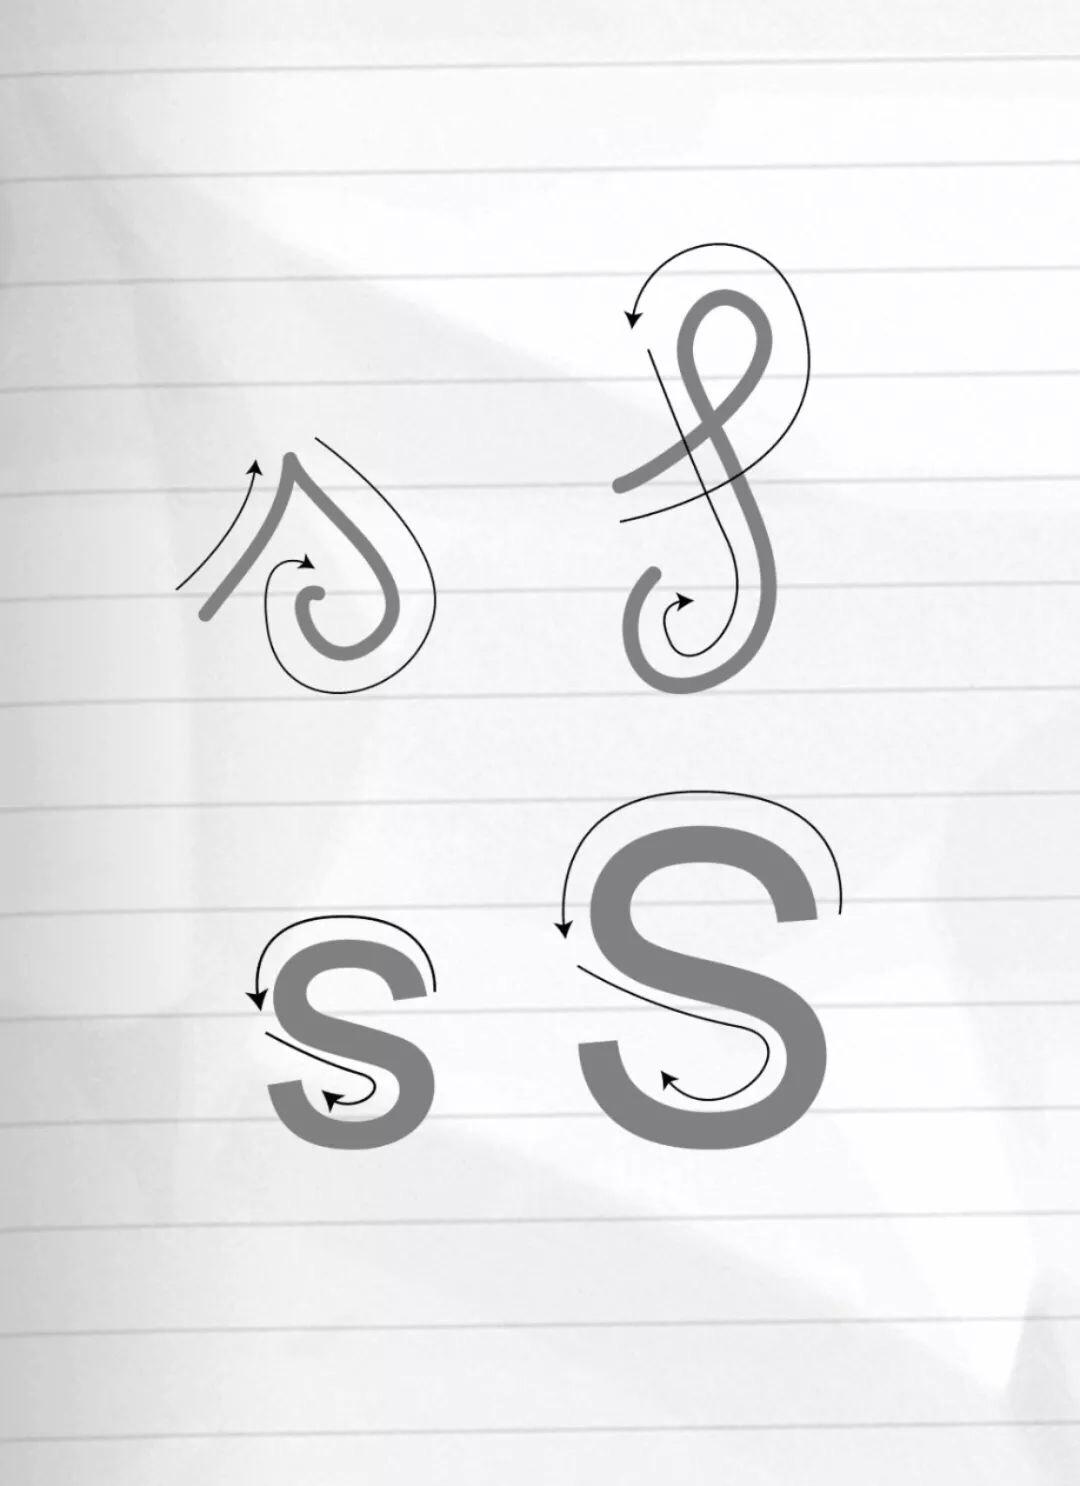 意大利语之字母手写体